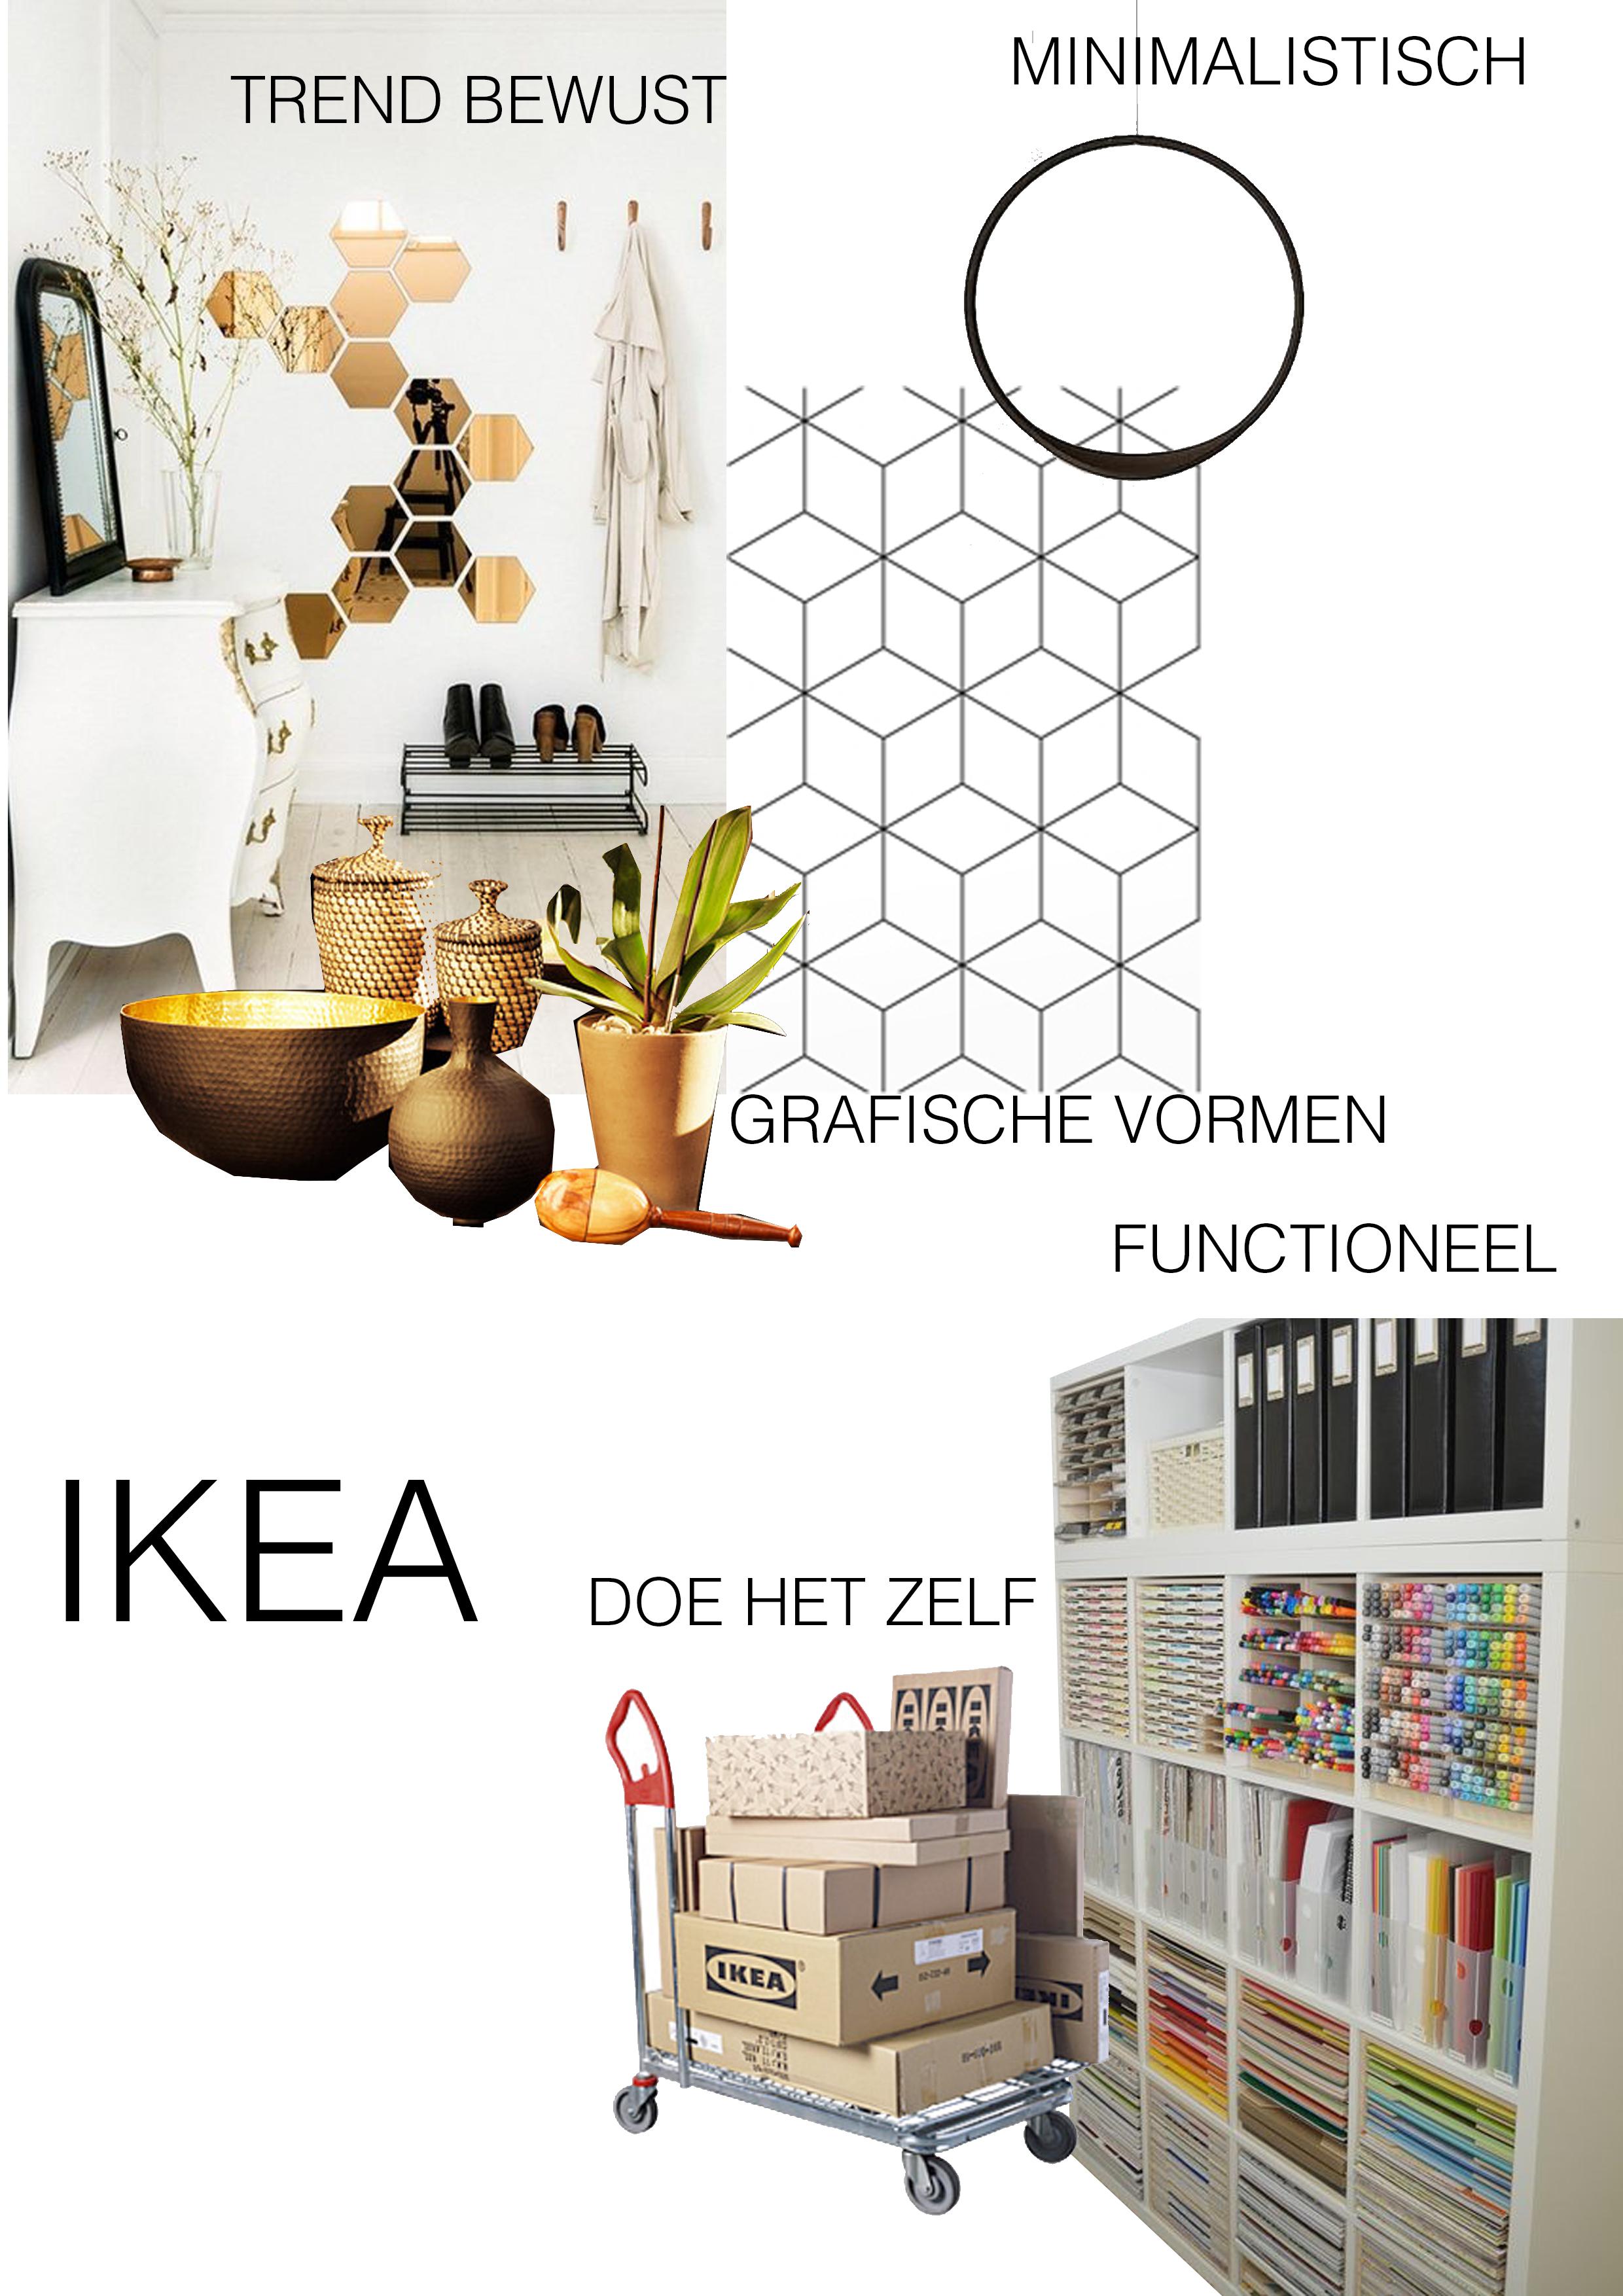 IKEA MOODBOARD1